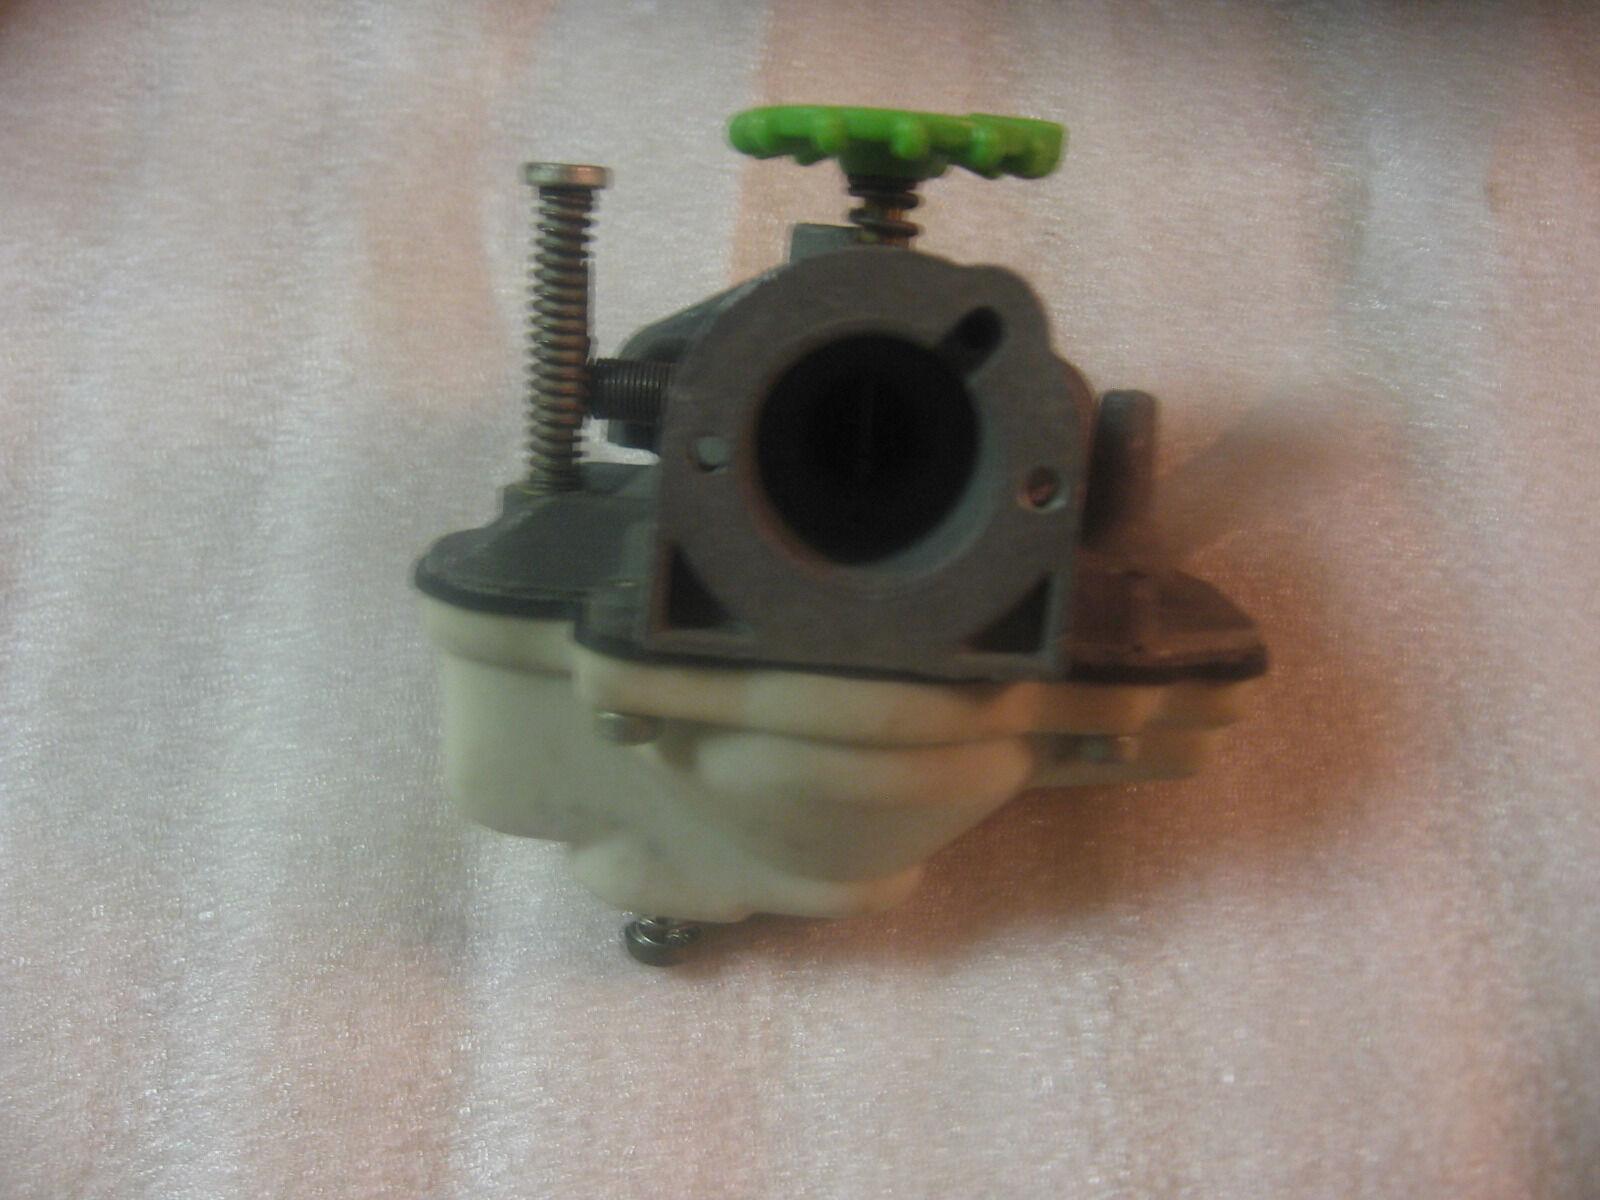 Nos OEM Vintage Lawn-Boy OMC Cocheburador se adapta a 681072 5239c 5269c 7221c 7260c Rara